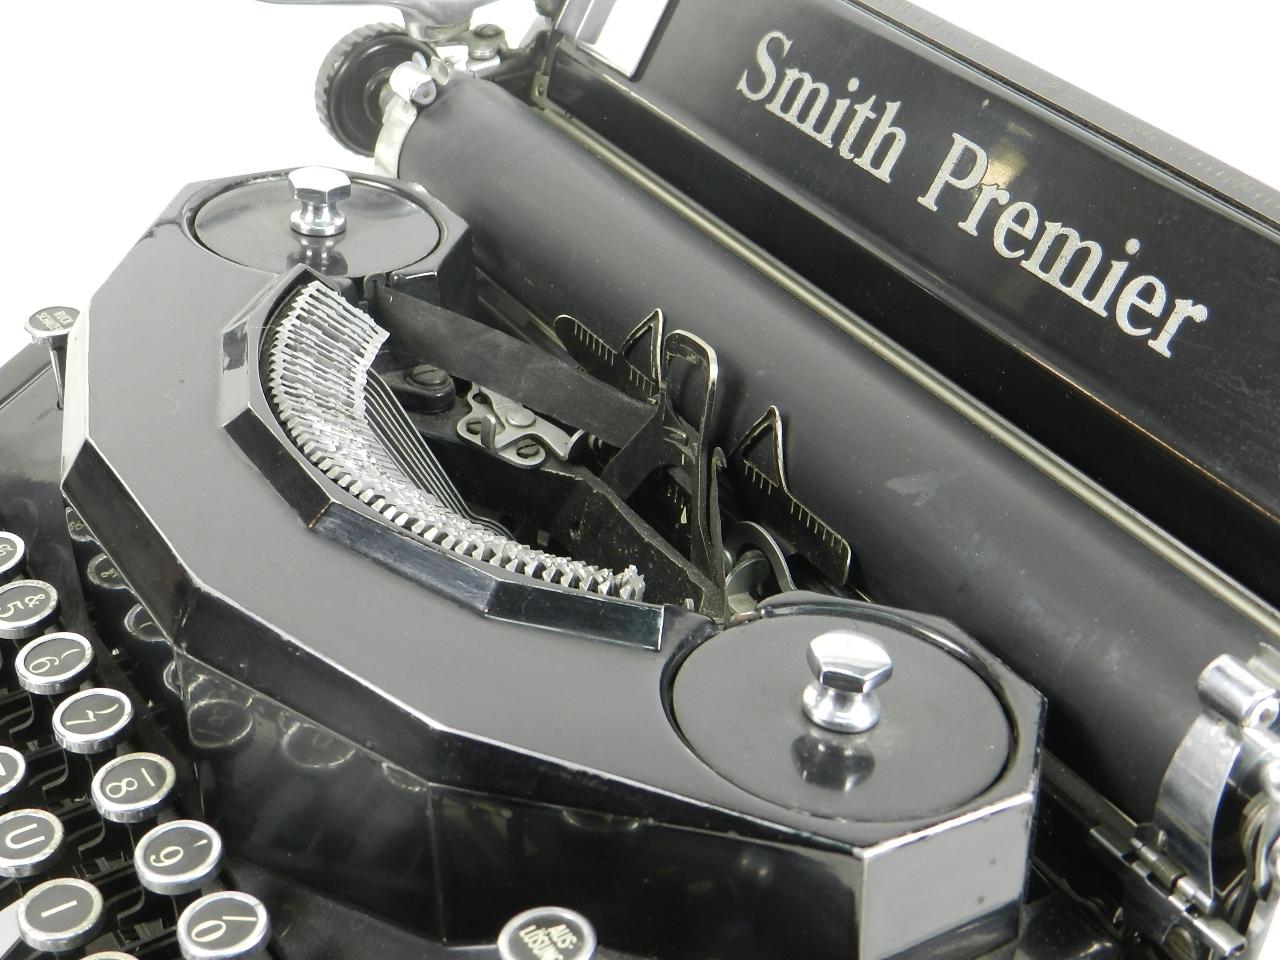 Imagen SMITH PREMIER NOISELESS 81 AÑO 1935 30190